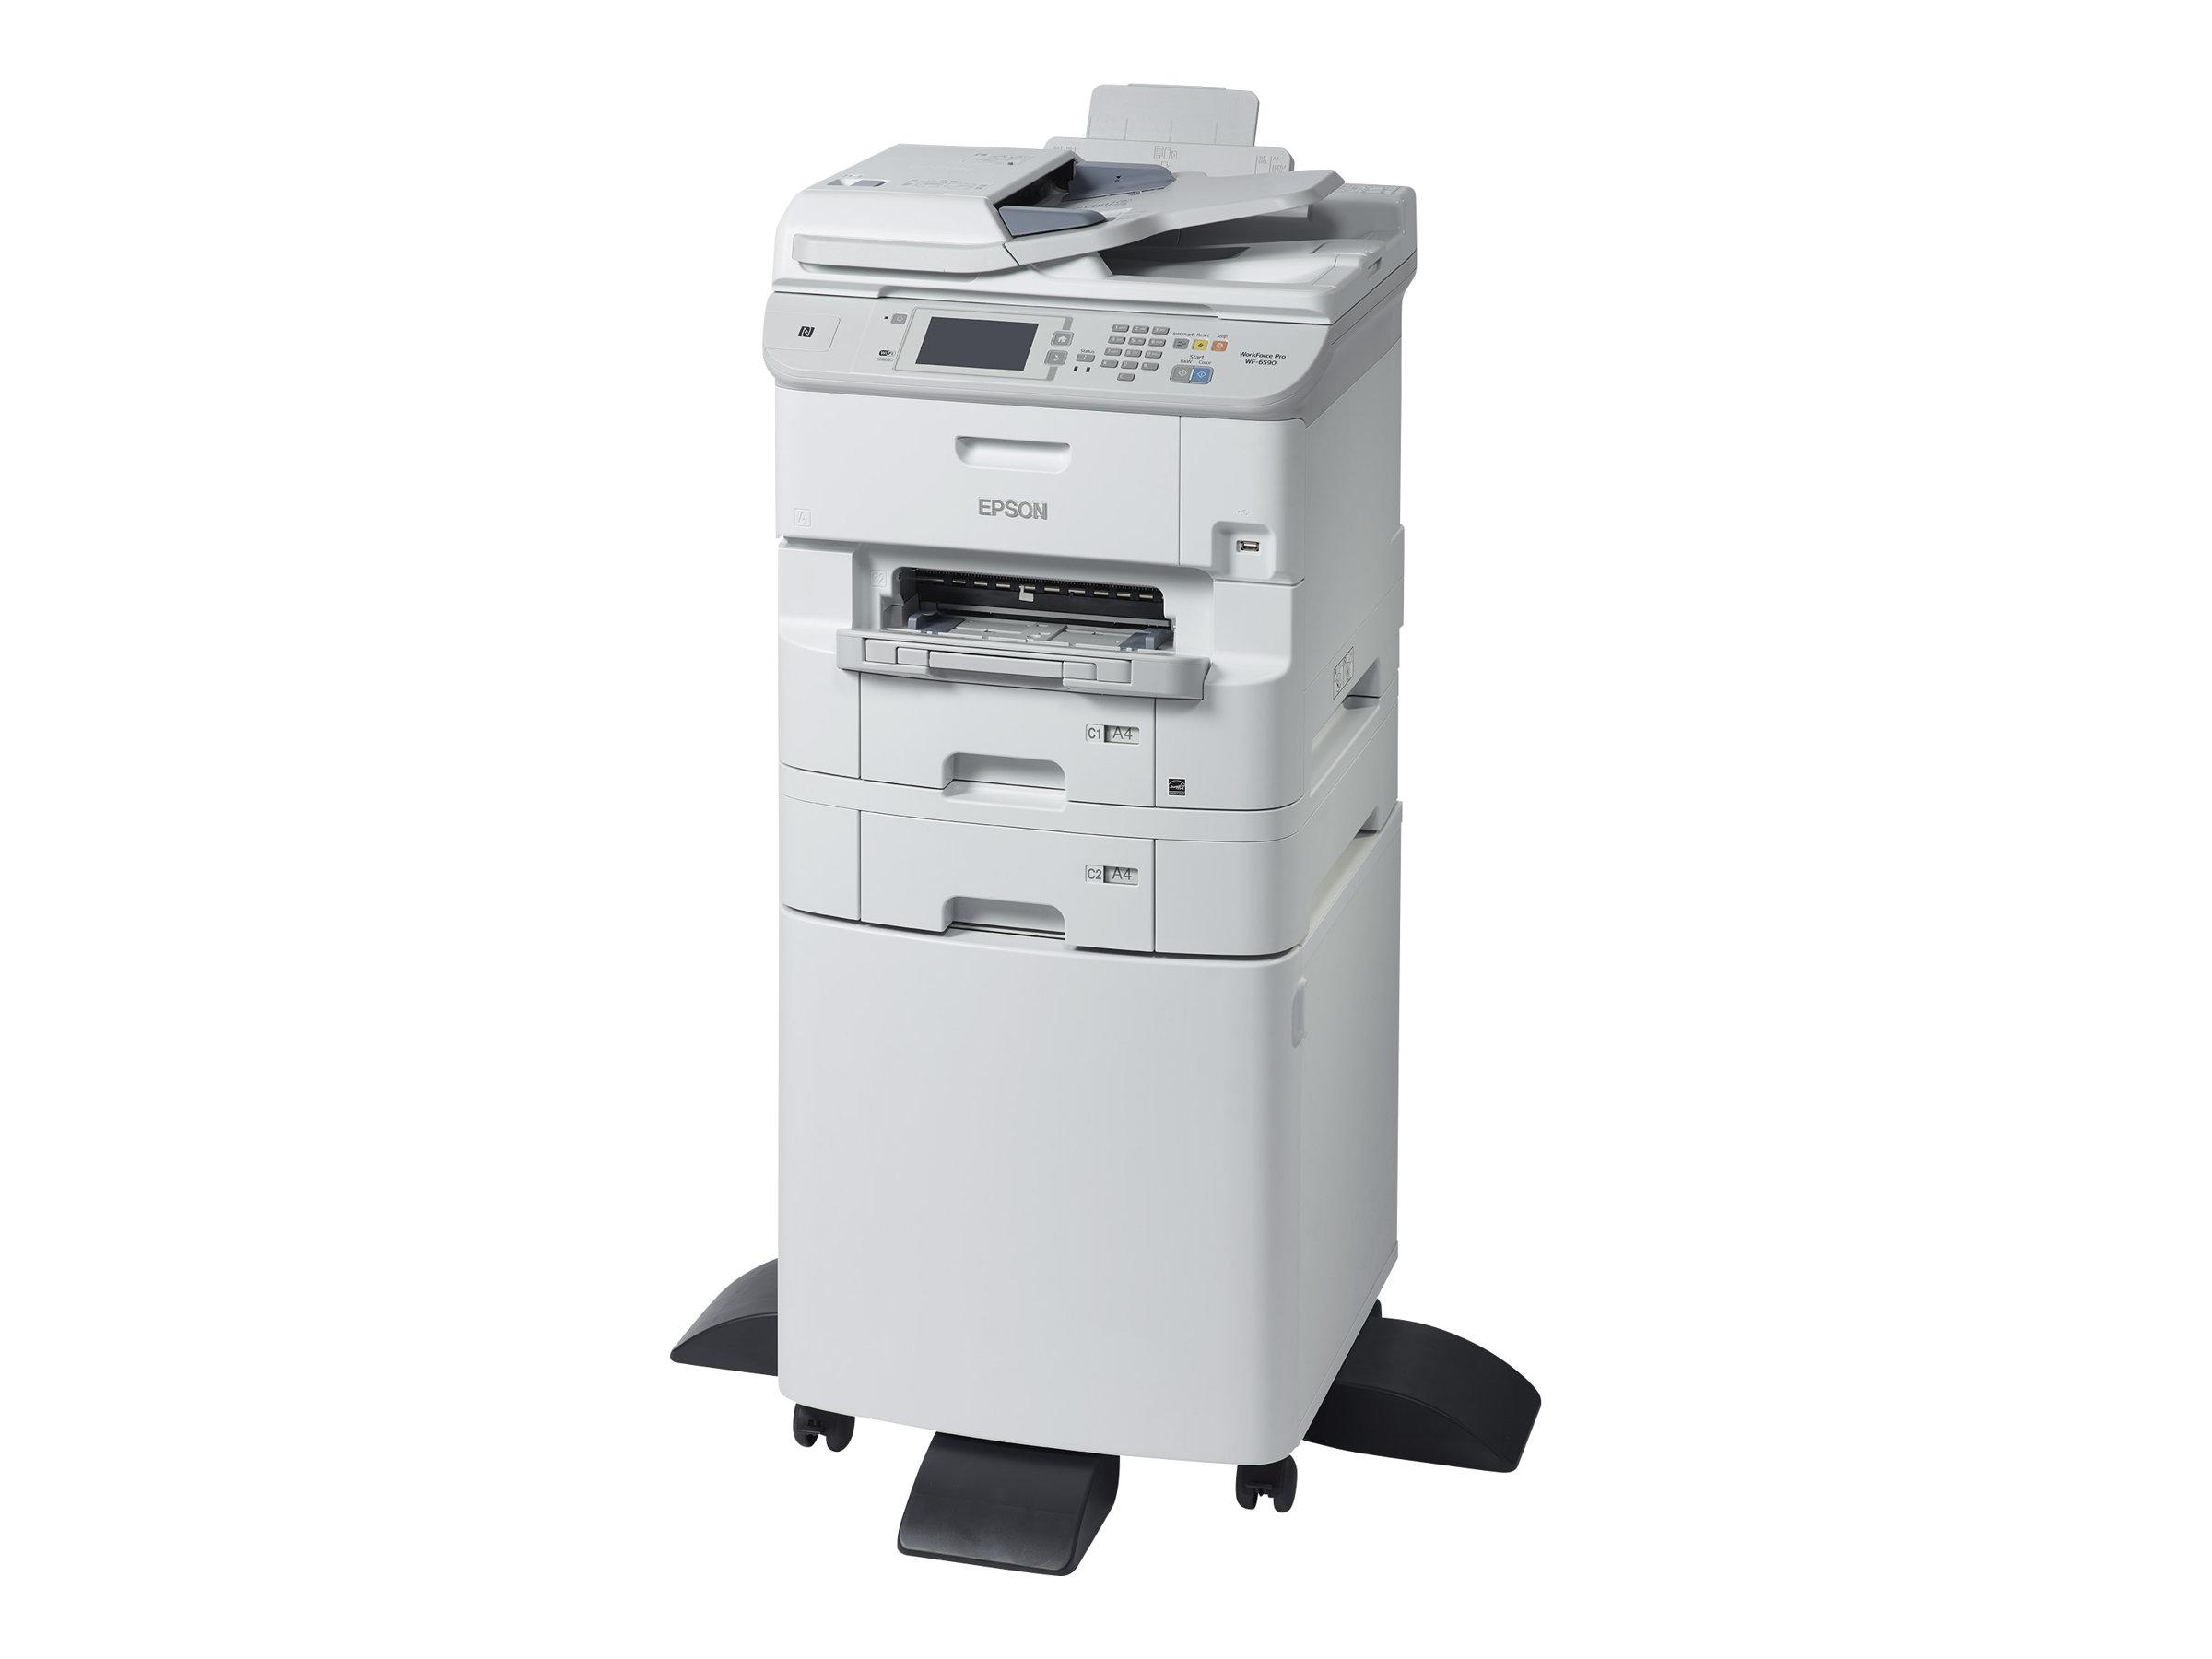 Epson WorkForce Pro WF-6590DTWFC - Multifunktionsdrucker - Farbe - Tintenstrahl - A4/Legal (Medien) - bis zu 34 Seiten/Min. (Dru